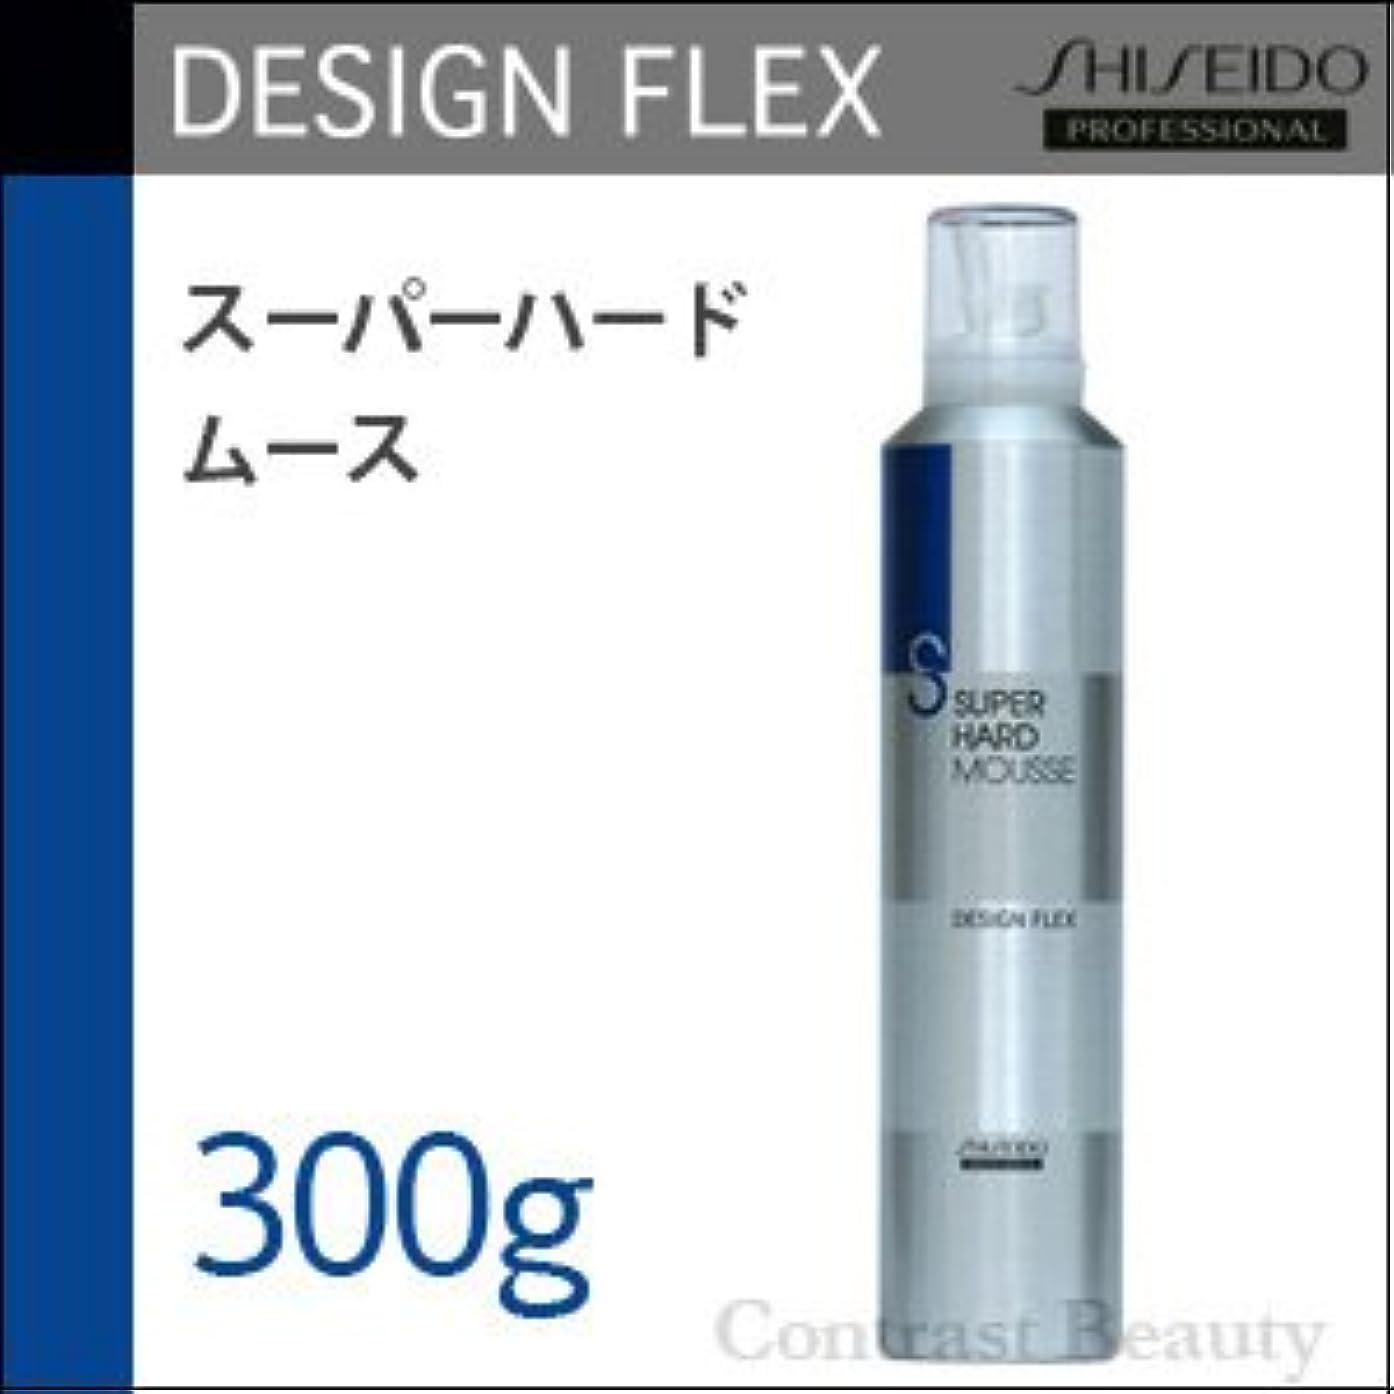 内向きレタッチ骨資生堂プロフェッショナル デザインフレックス スーパーハードムース 300g shiseido PROFESSIONAL